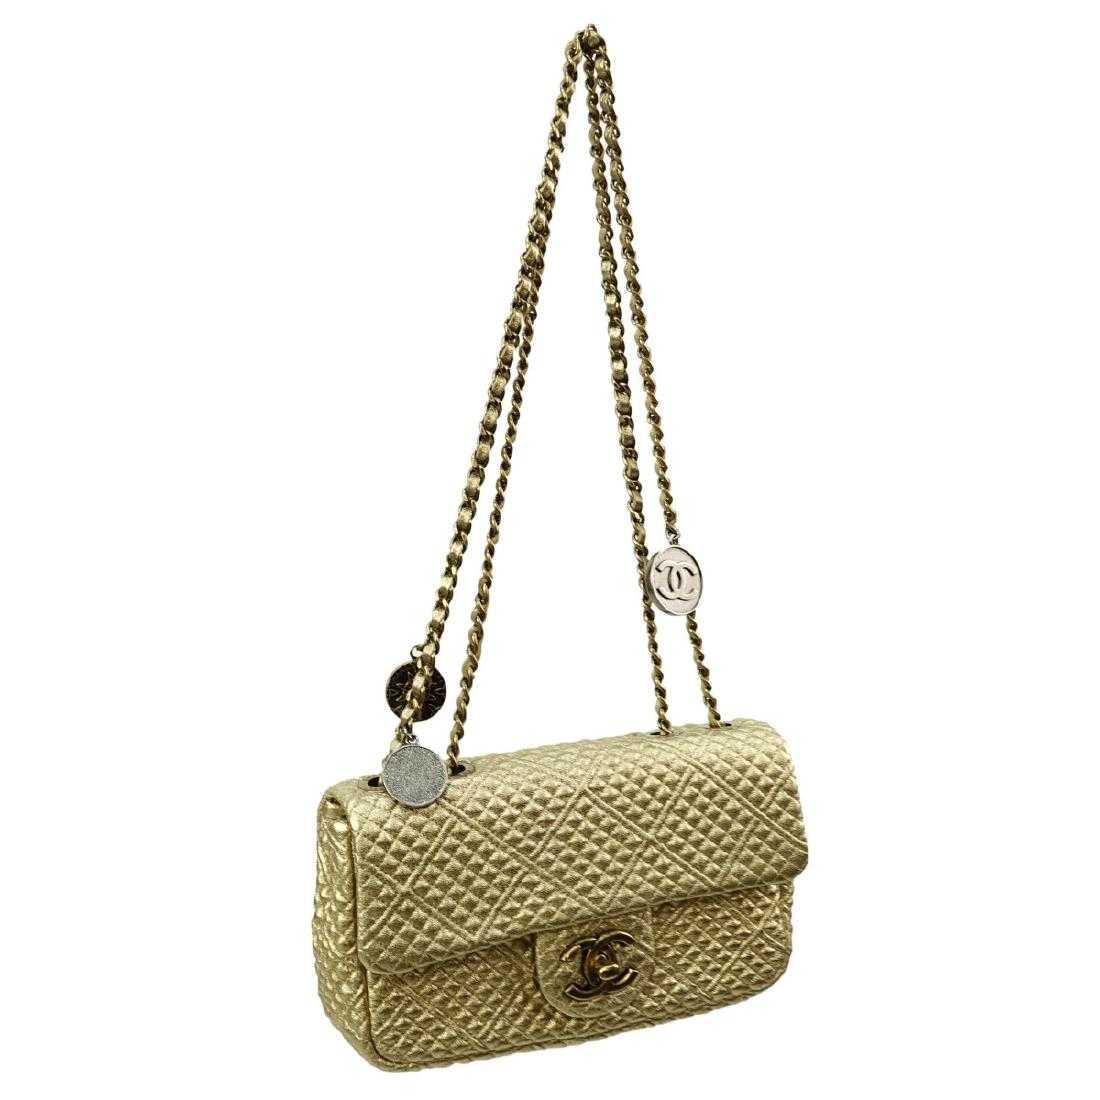 6dec5db08bab Chanel Flap Bag